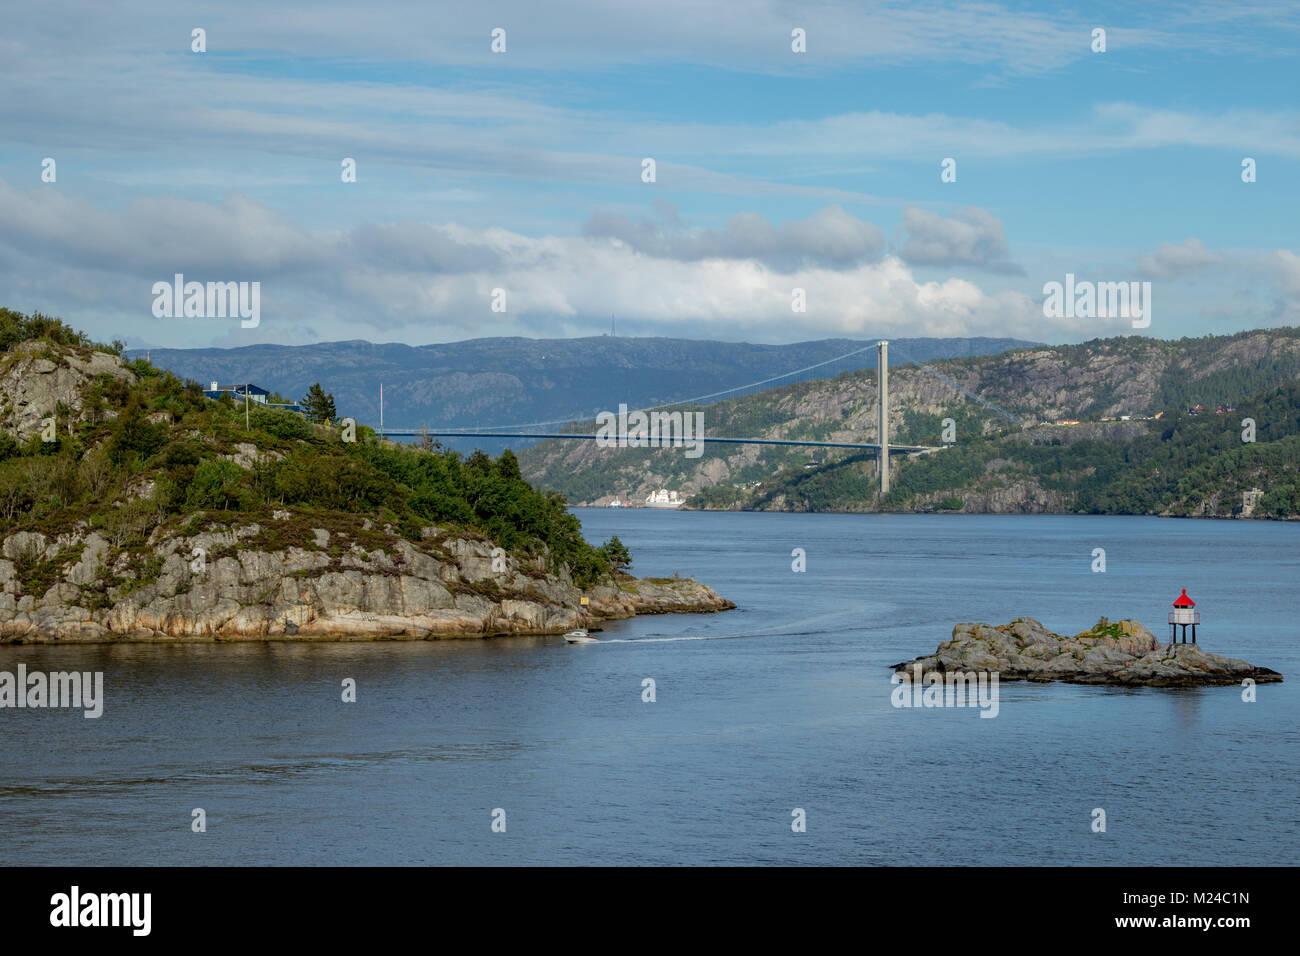 Askoy Bridge Bergen Norway - Stock Image